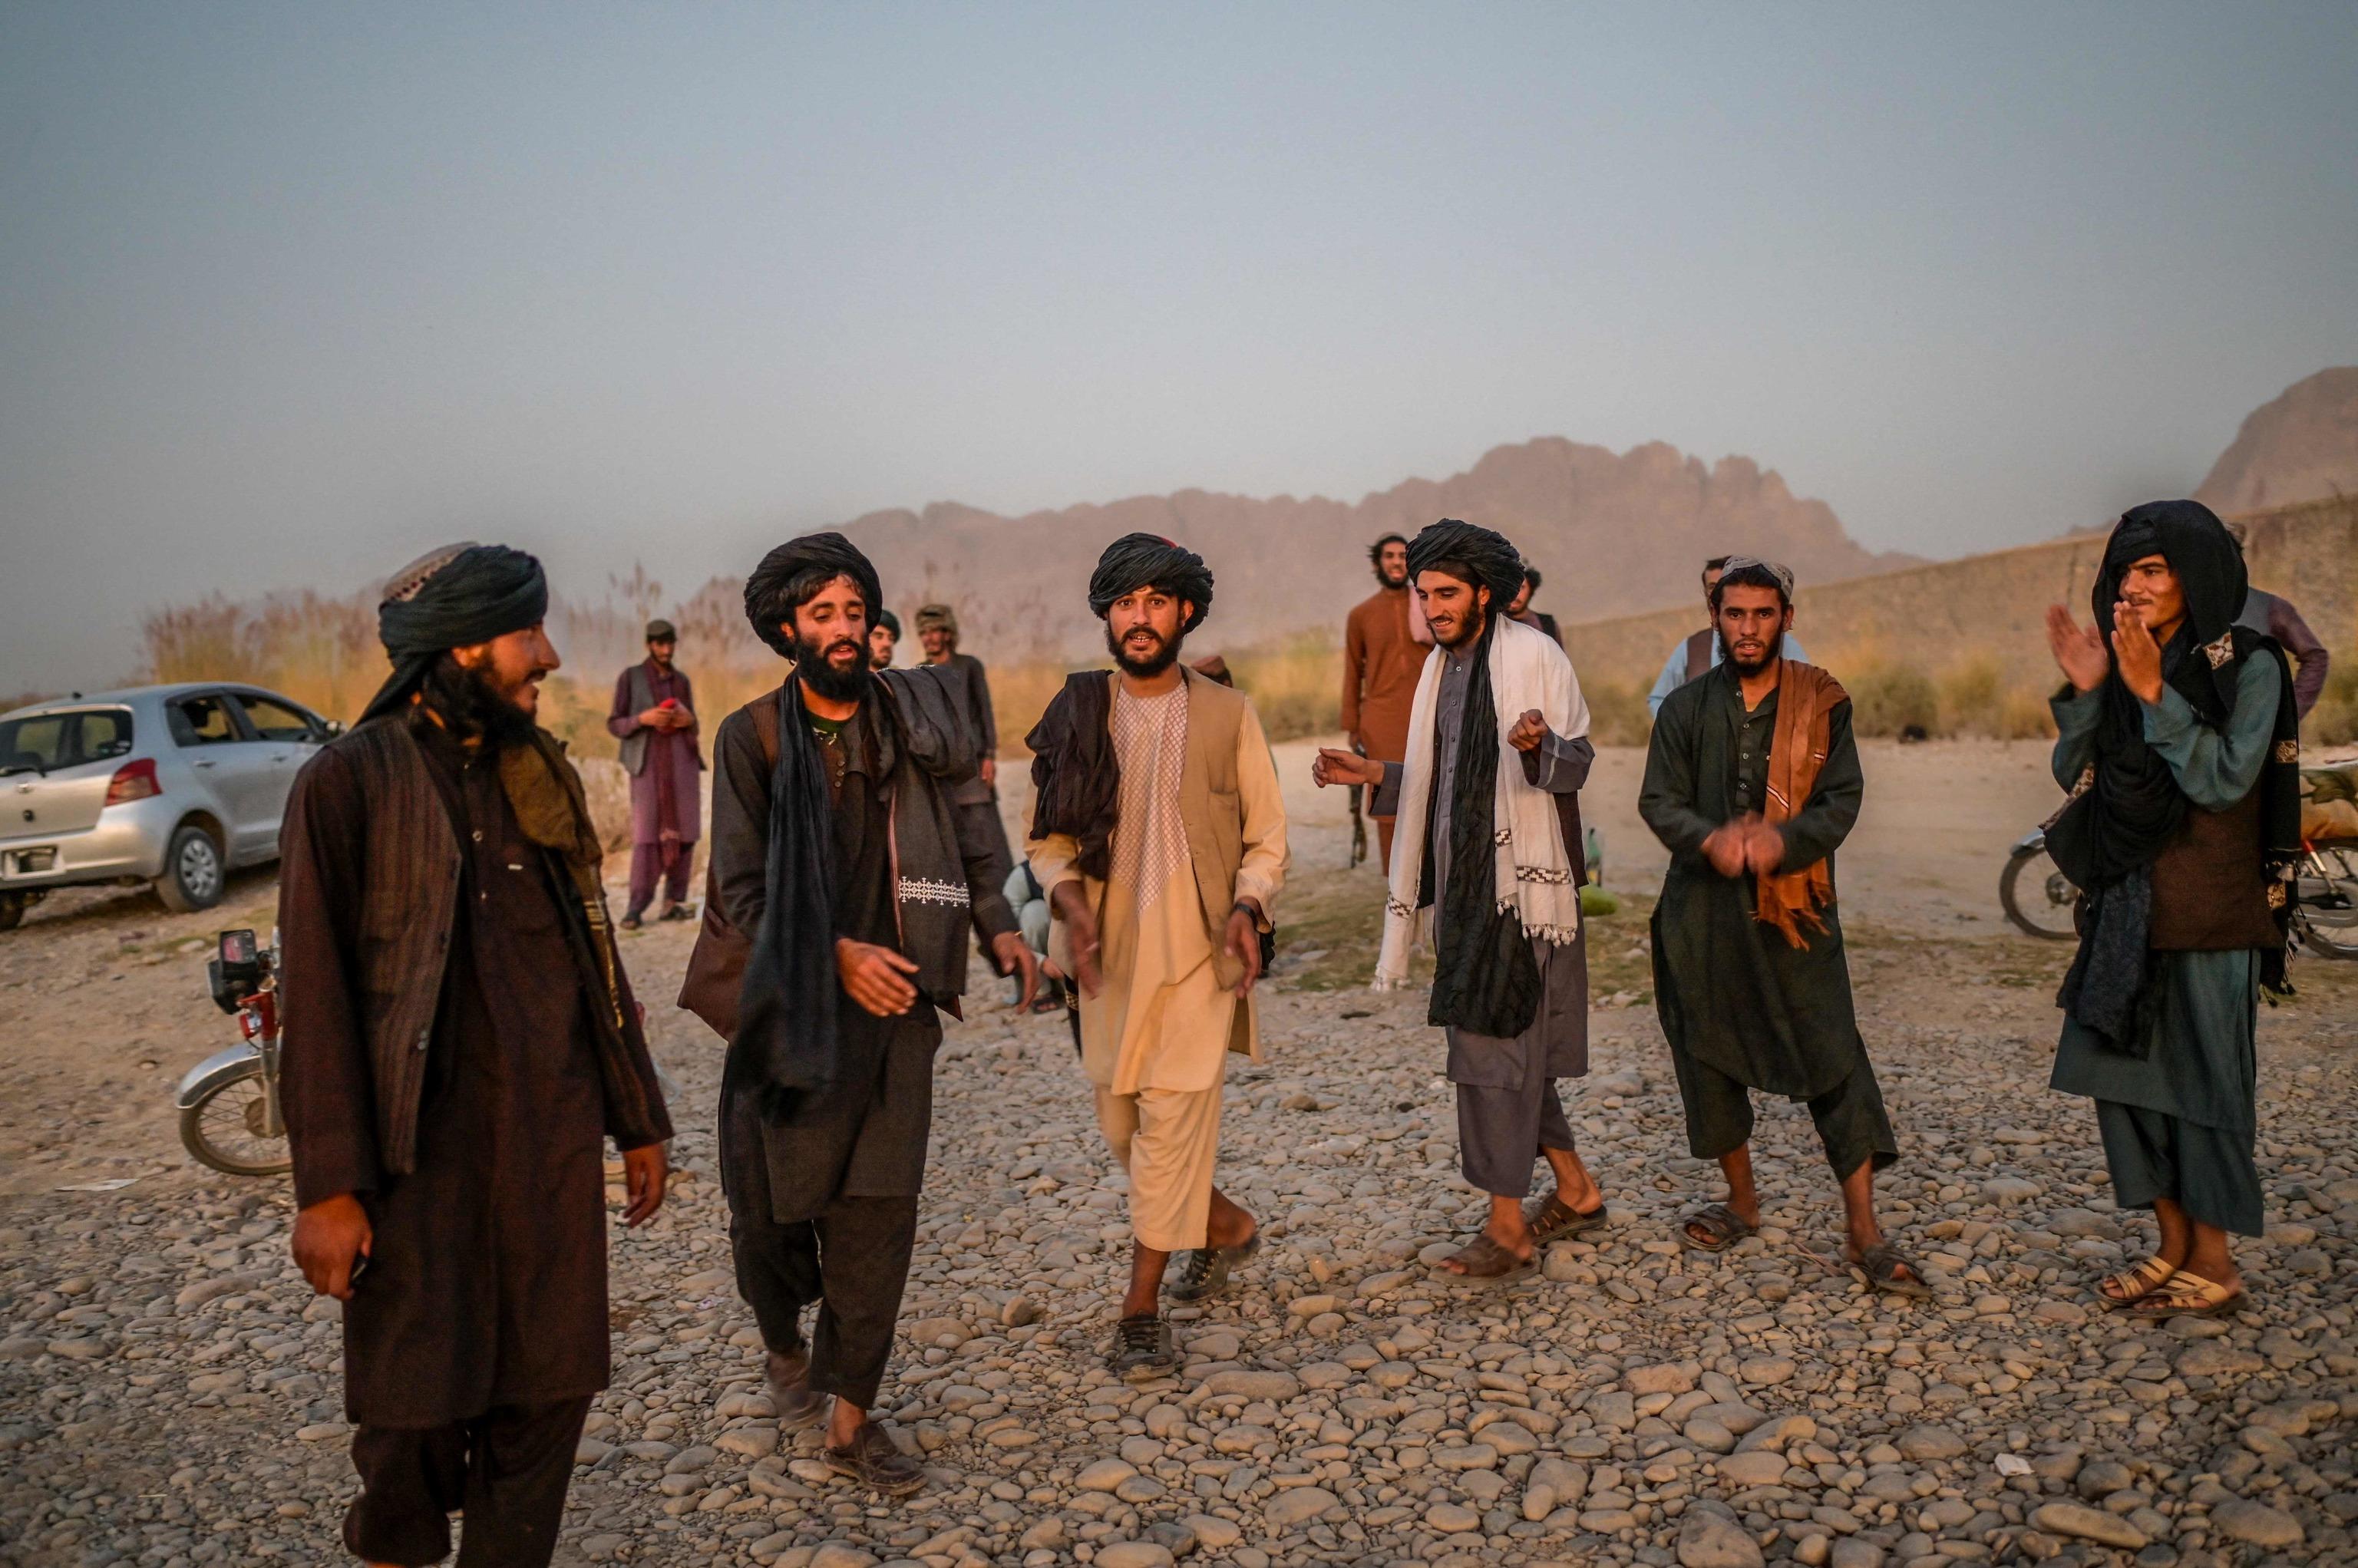 Miembros del movimiento talibán bailan cerca de un río en Kandahar.